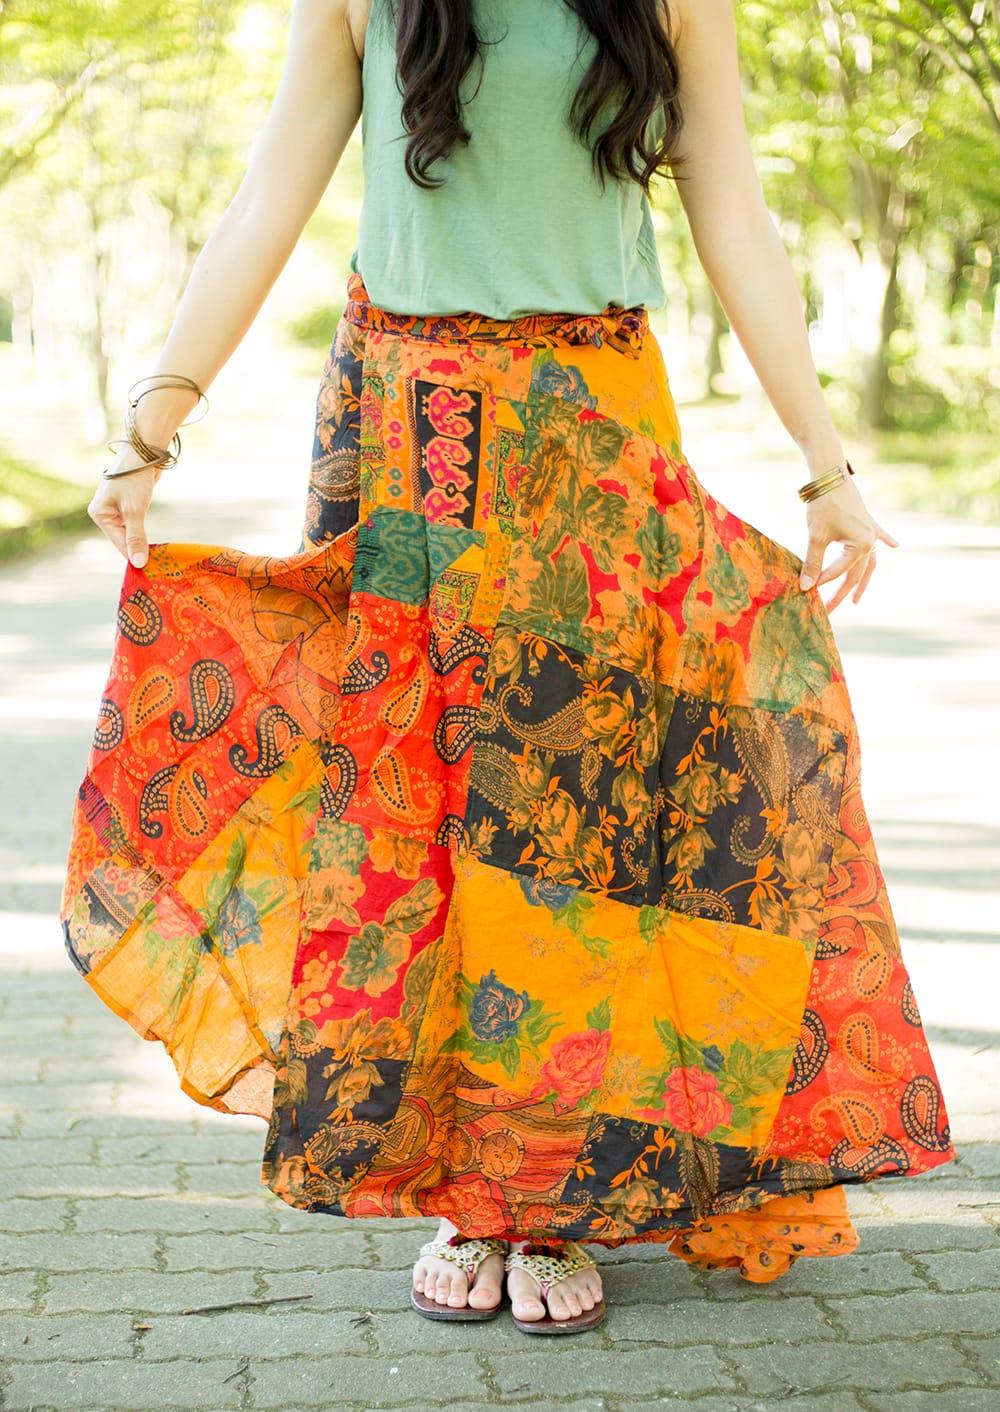 インドコットンのカラフル・パッチワーク巻きスカート 7 - リゾート感たっぷりのスカートです。